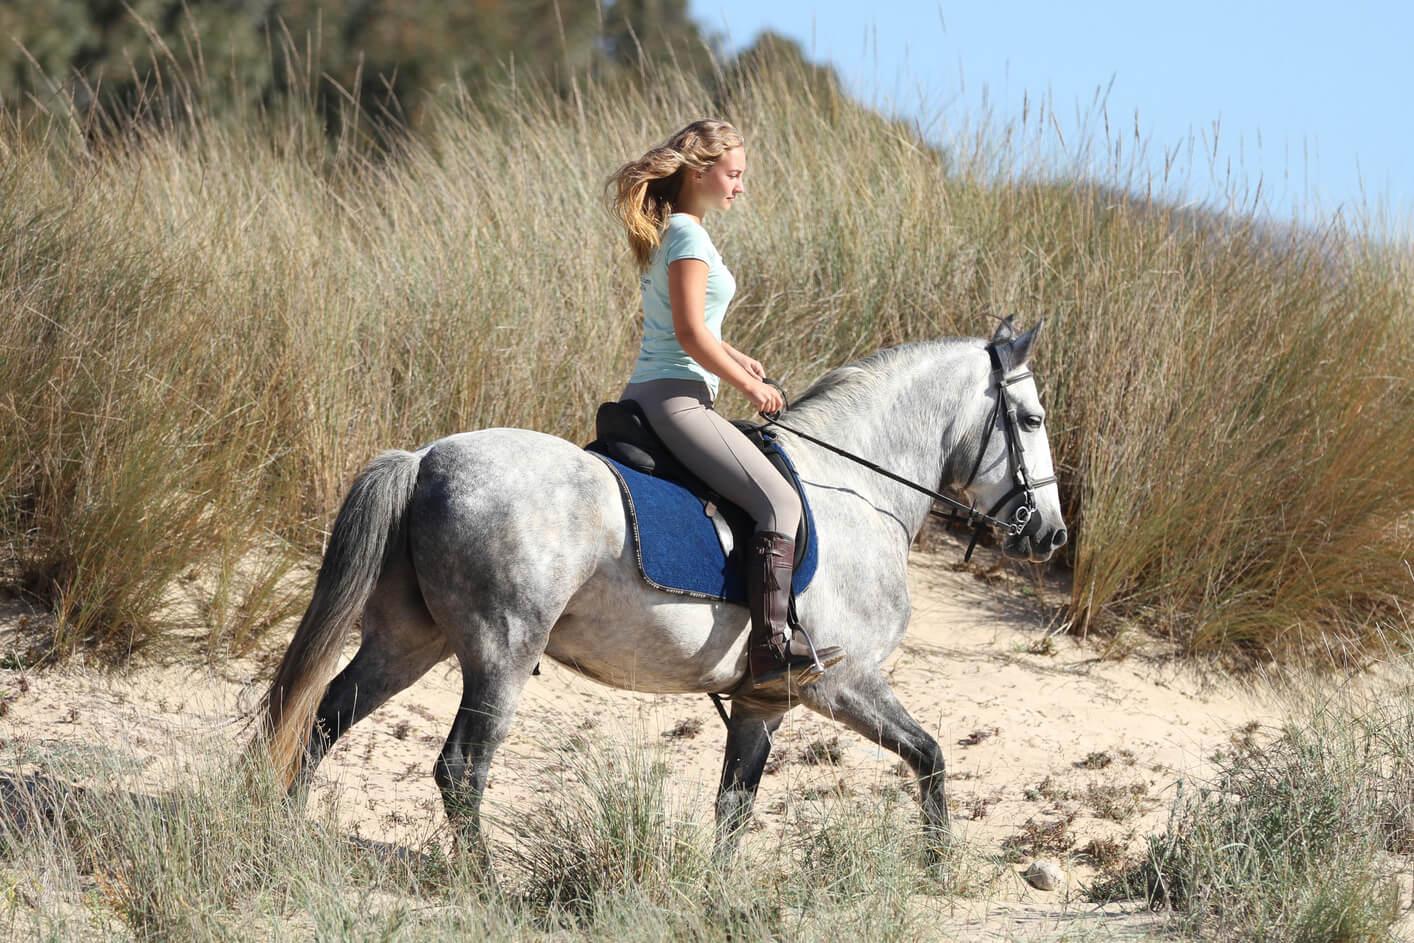 Glückliche Stunden auf dem Pferd